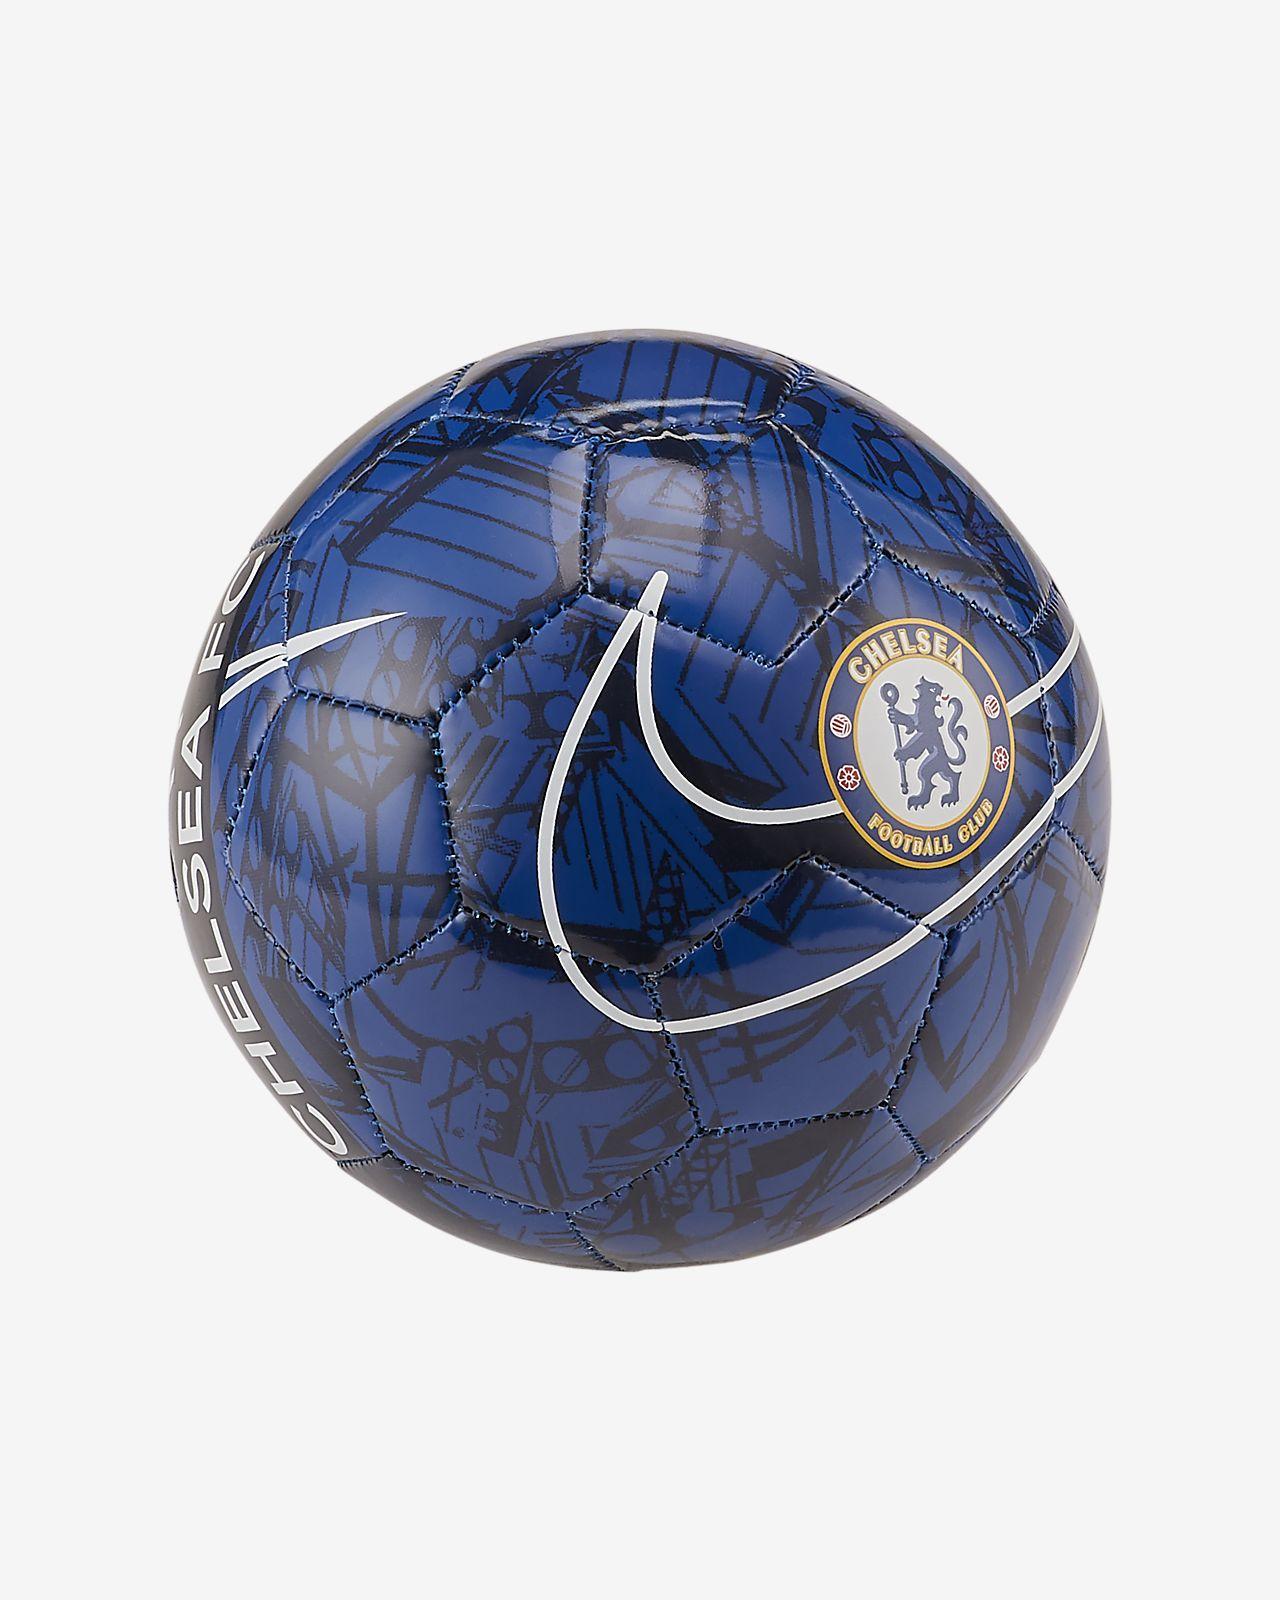 Μπάλα ποδοσφαίρου Chelsea FC Skills